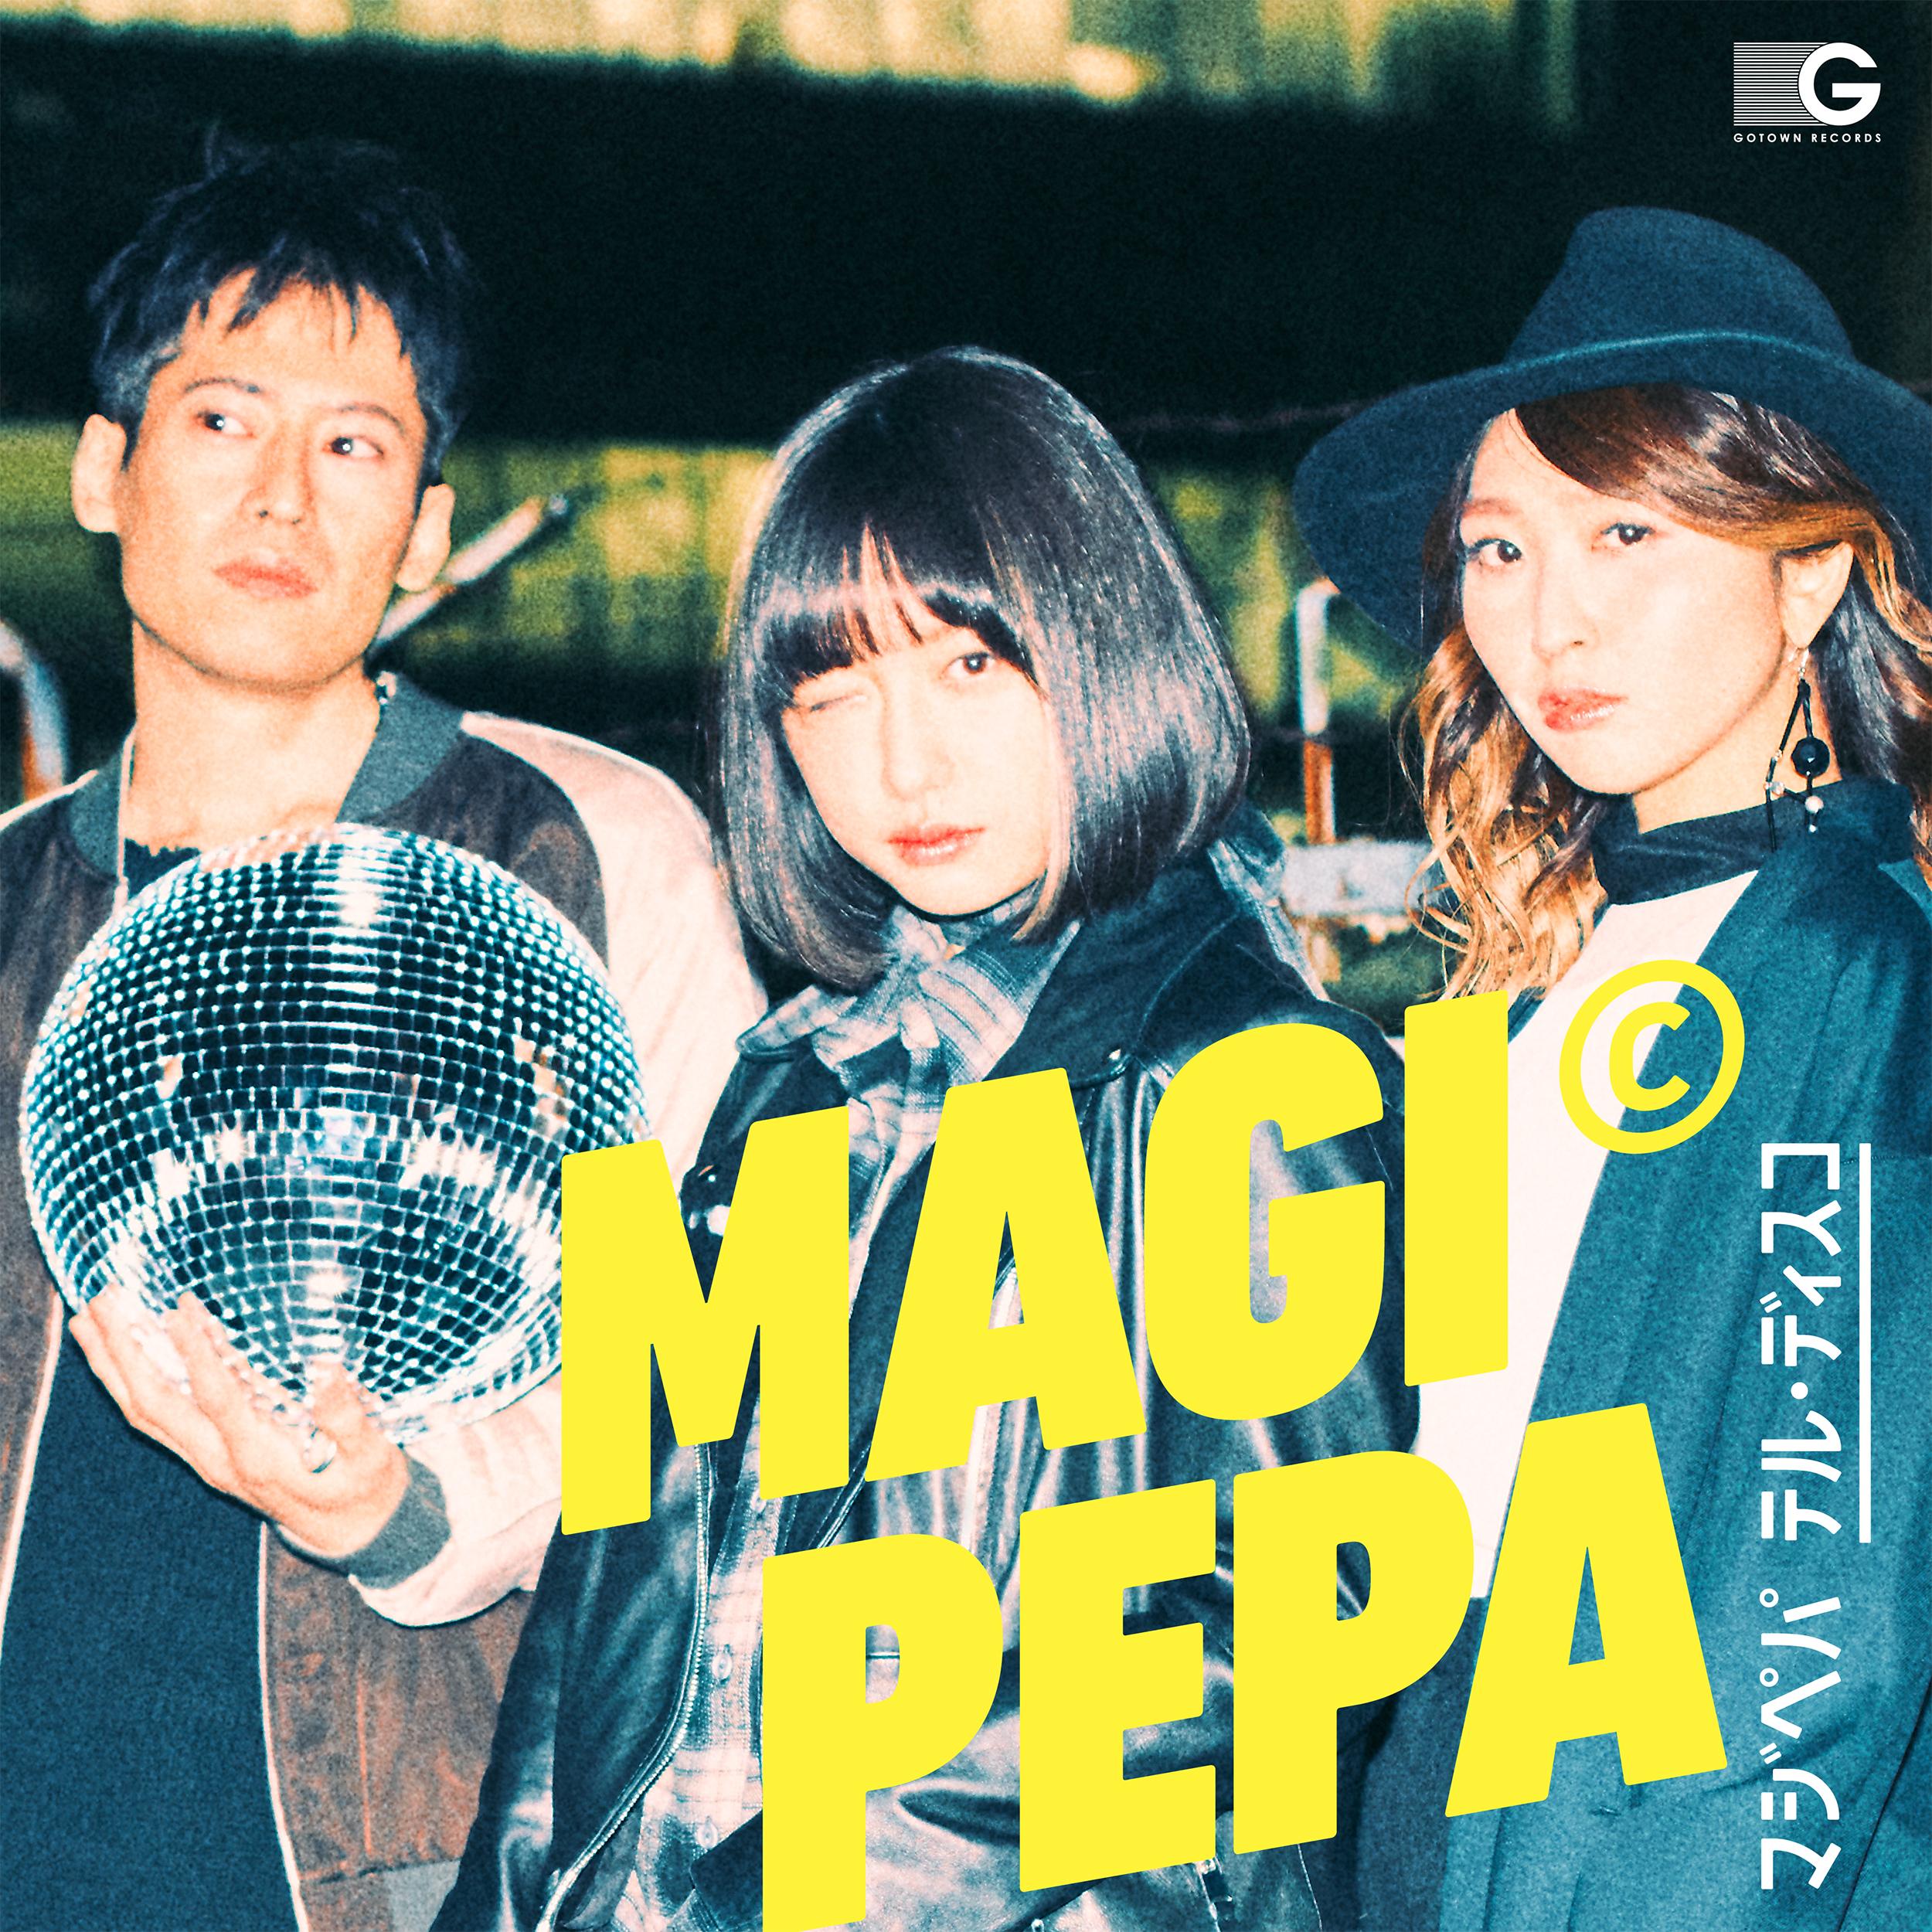 西寺郷太&村田シゲ×吉田凜音・バンド「マジペパ」が奇跡的デビューアルバムを4.12に発売!